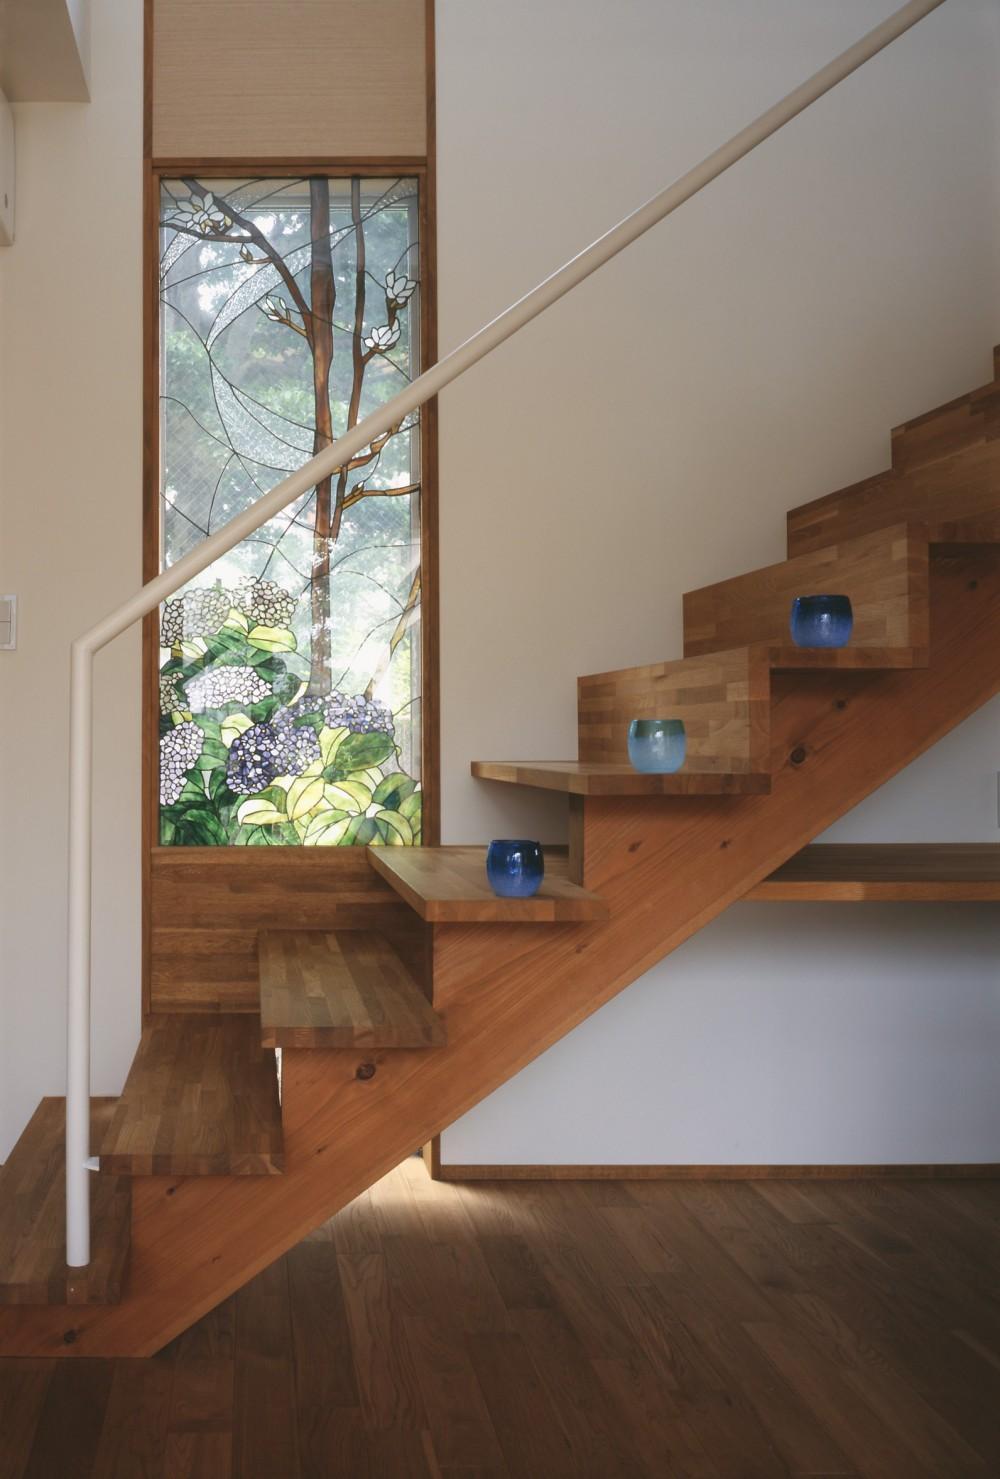 仕事場のある家 あなたの場所・自分の居場所を創る 階段と対面キッチンをカウンターで結び合わせ (仕事空間)